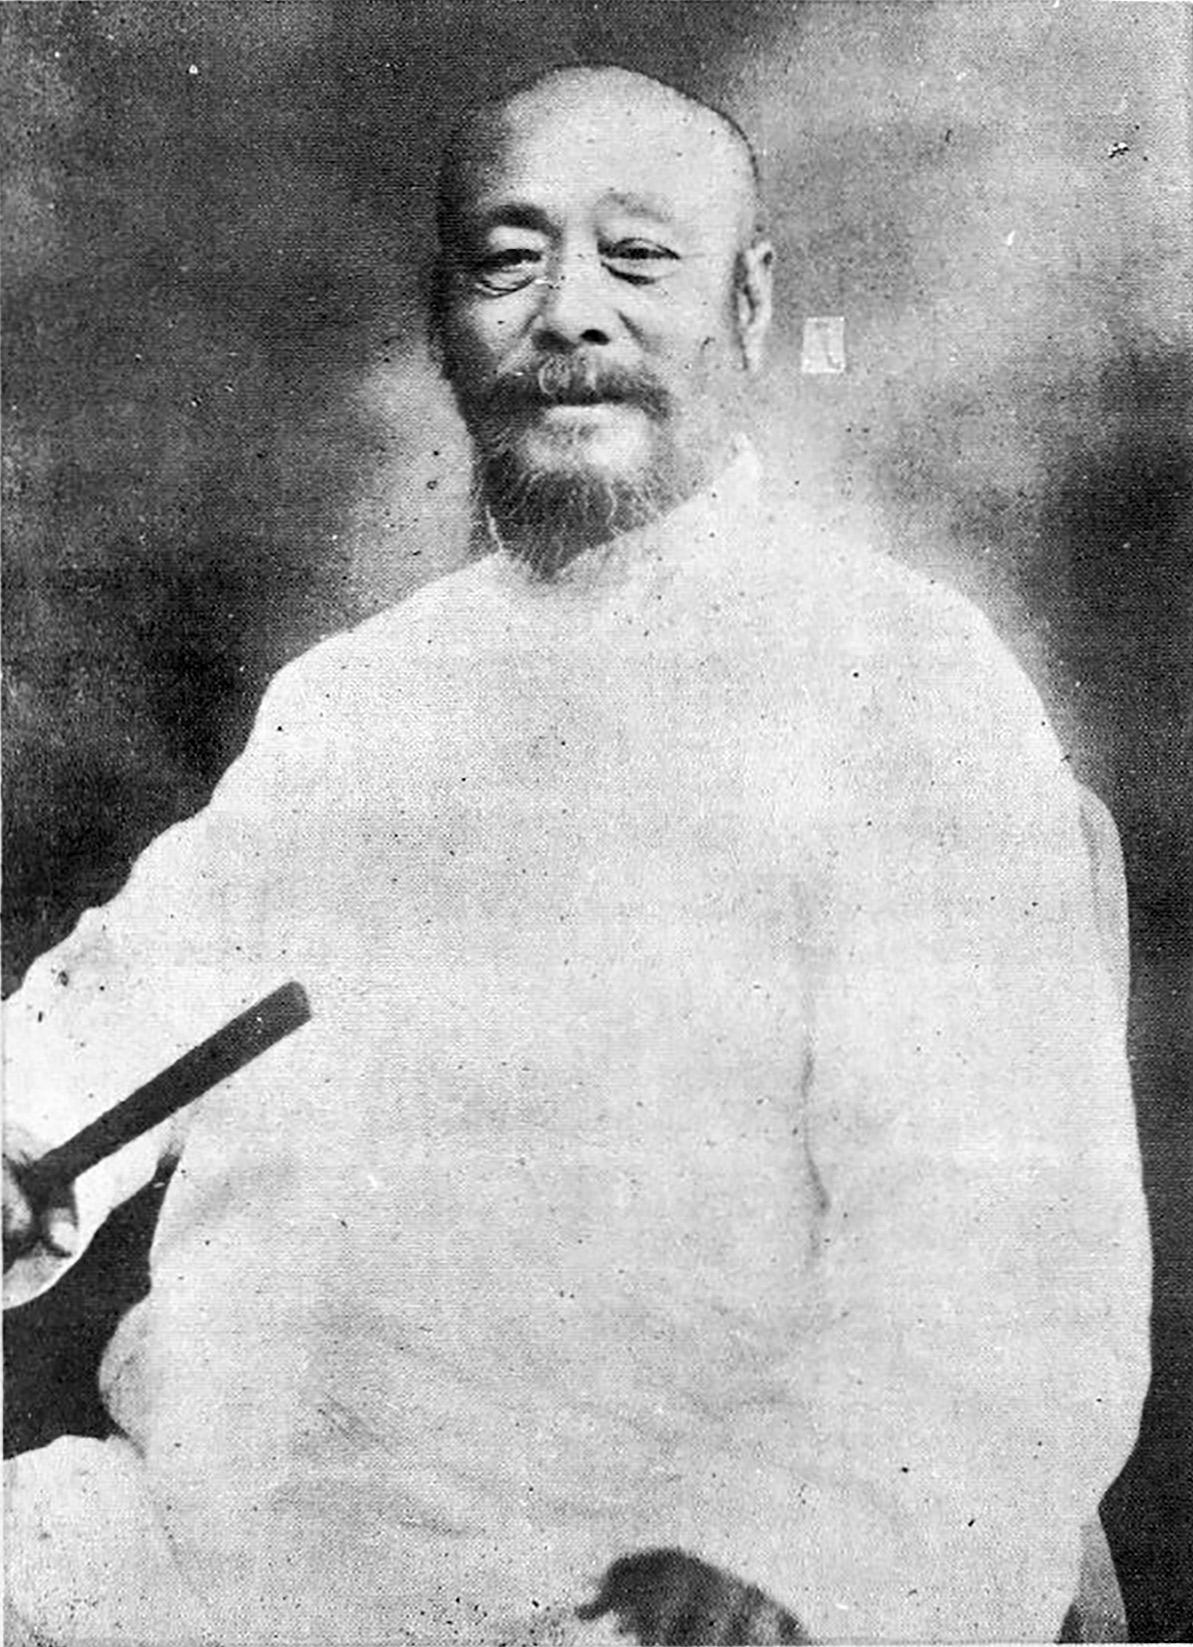 wu-jianquan-potraet-rettet